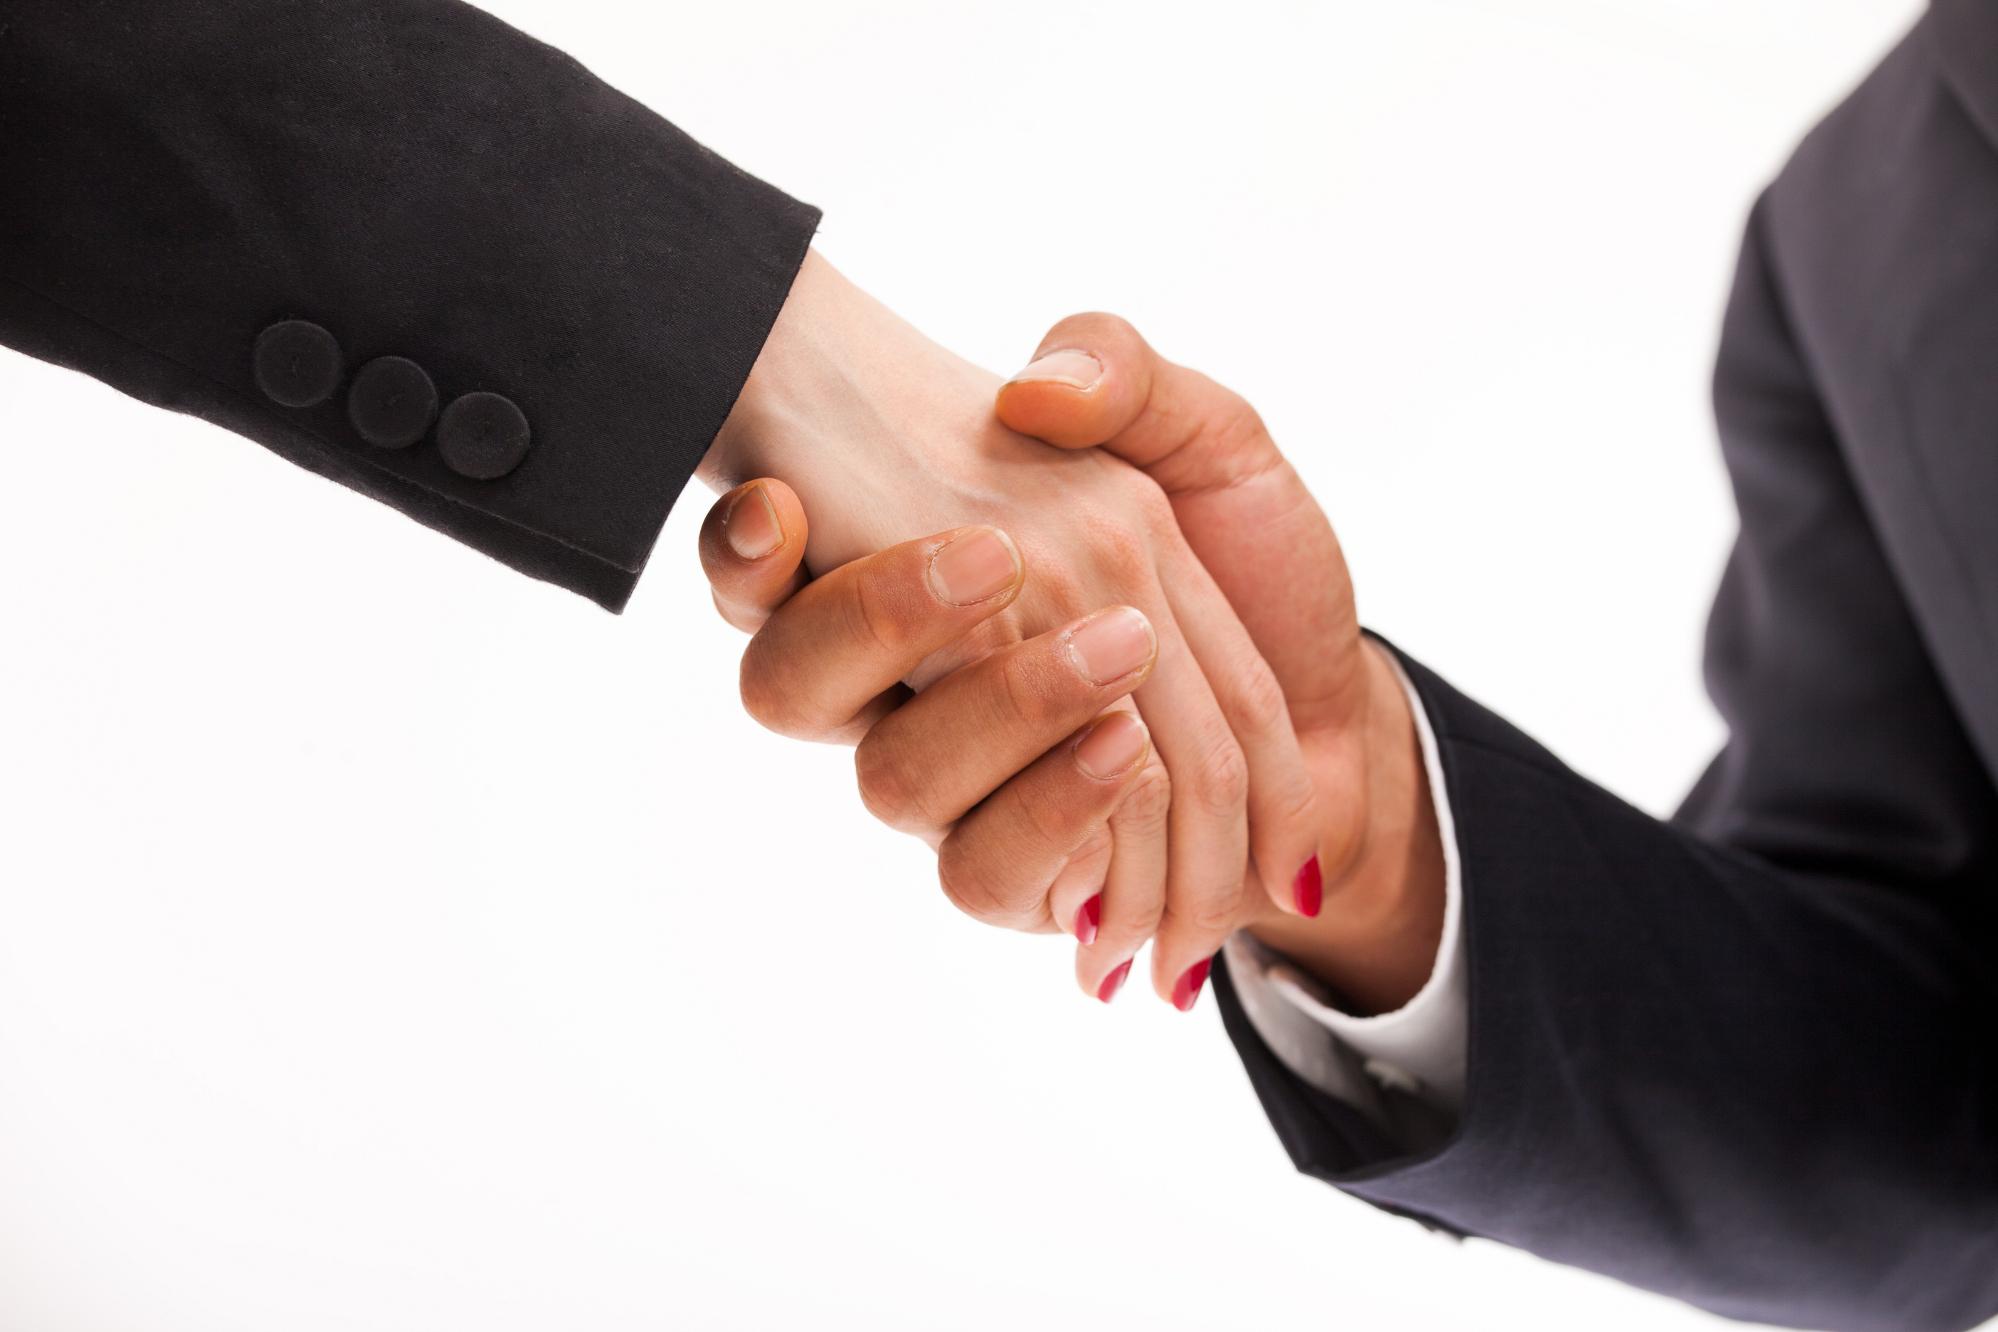 zucchetti e talentia software partnership